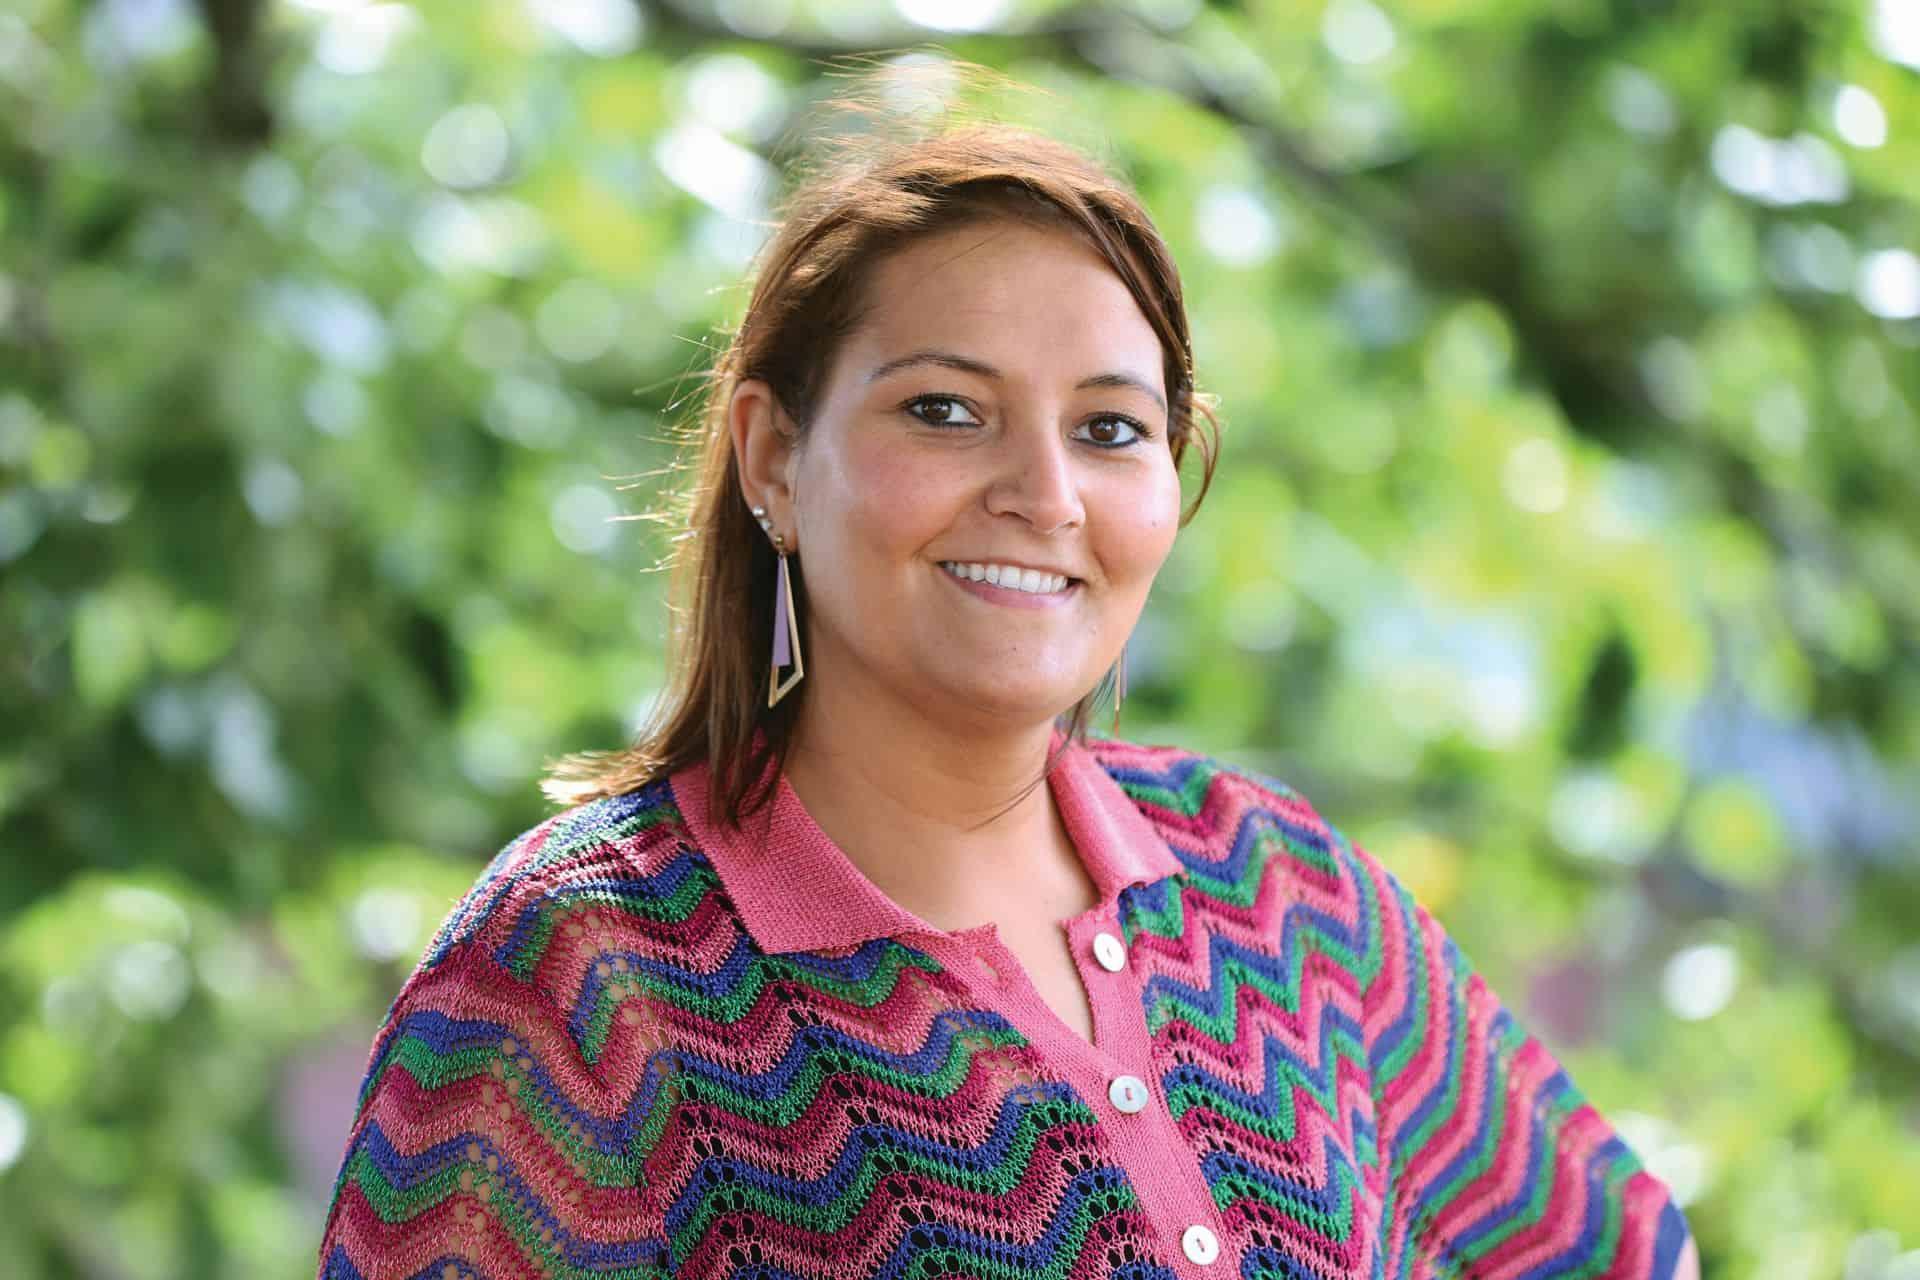 Zorgcoördinator Laila Zaimi over vooroordelen op school: 'In kinderen geloven haalt het beste in hen naar boven'